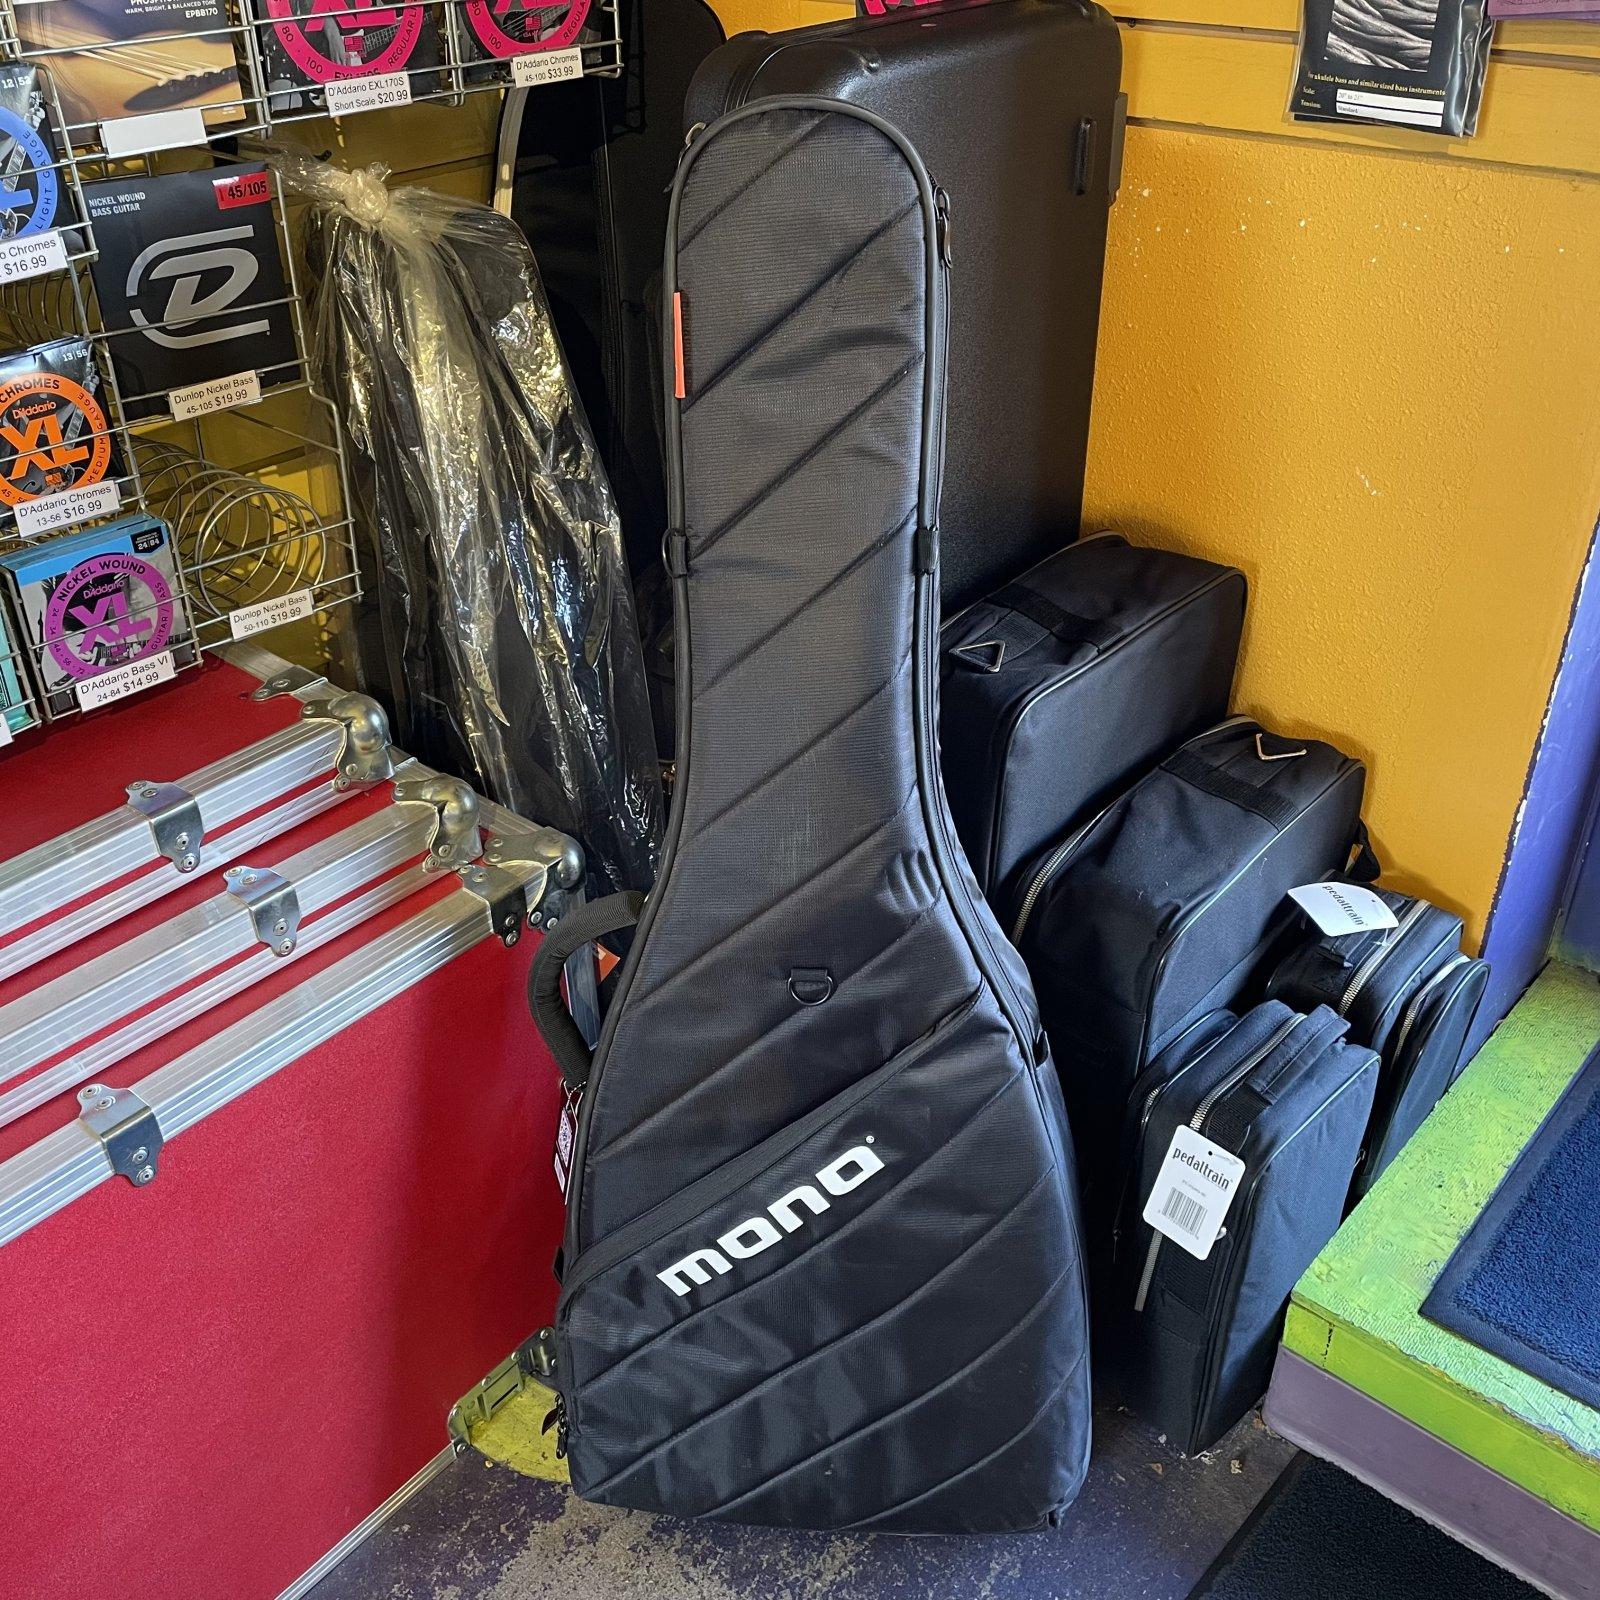 Mono Vertigo Electric Guitar Hybrid Gig Bag- USED